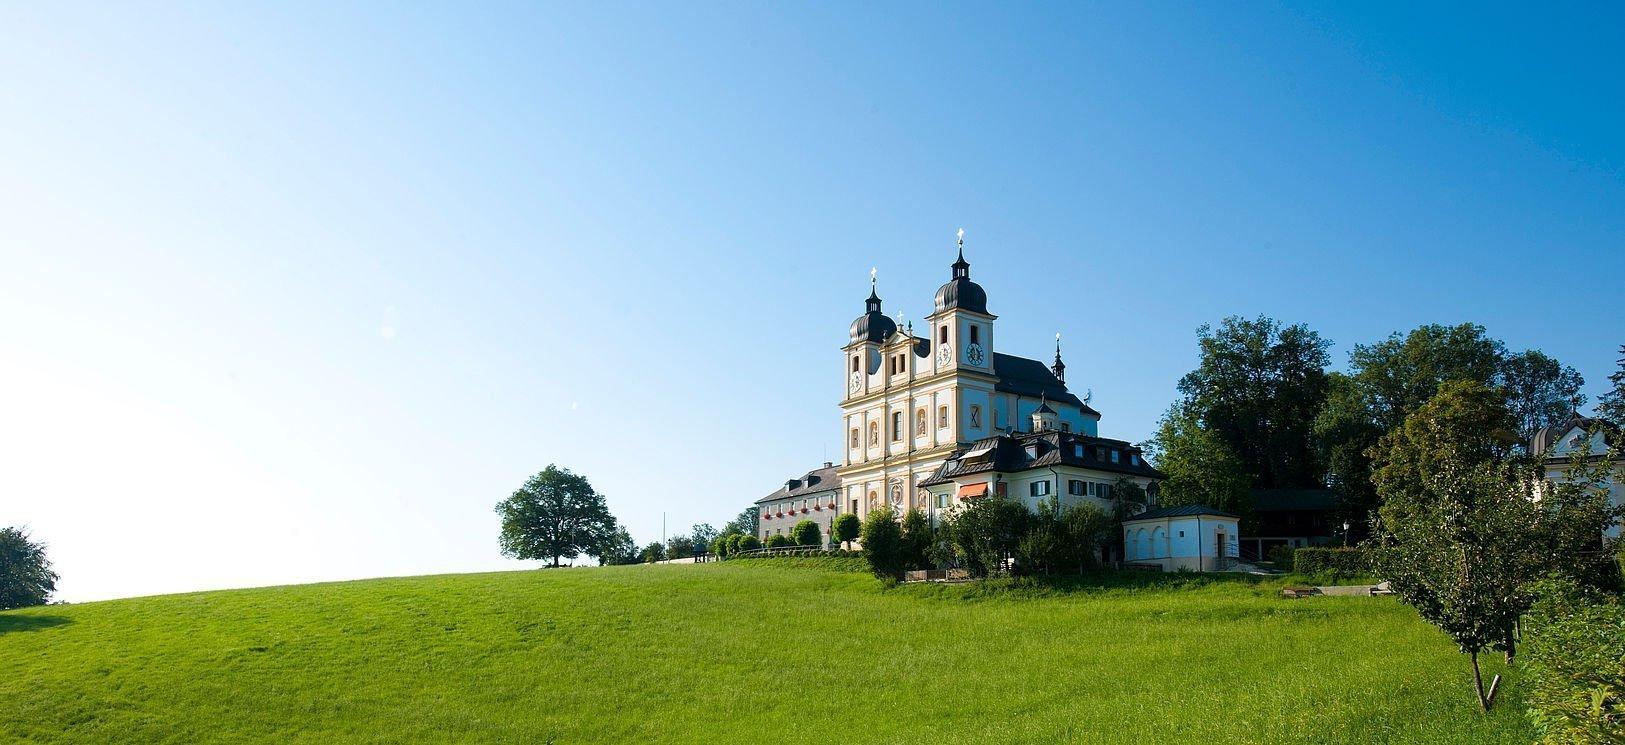 Wie Geht Eigentlich Heiraten In Salzburg Fraulein Flora